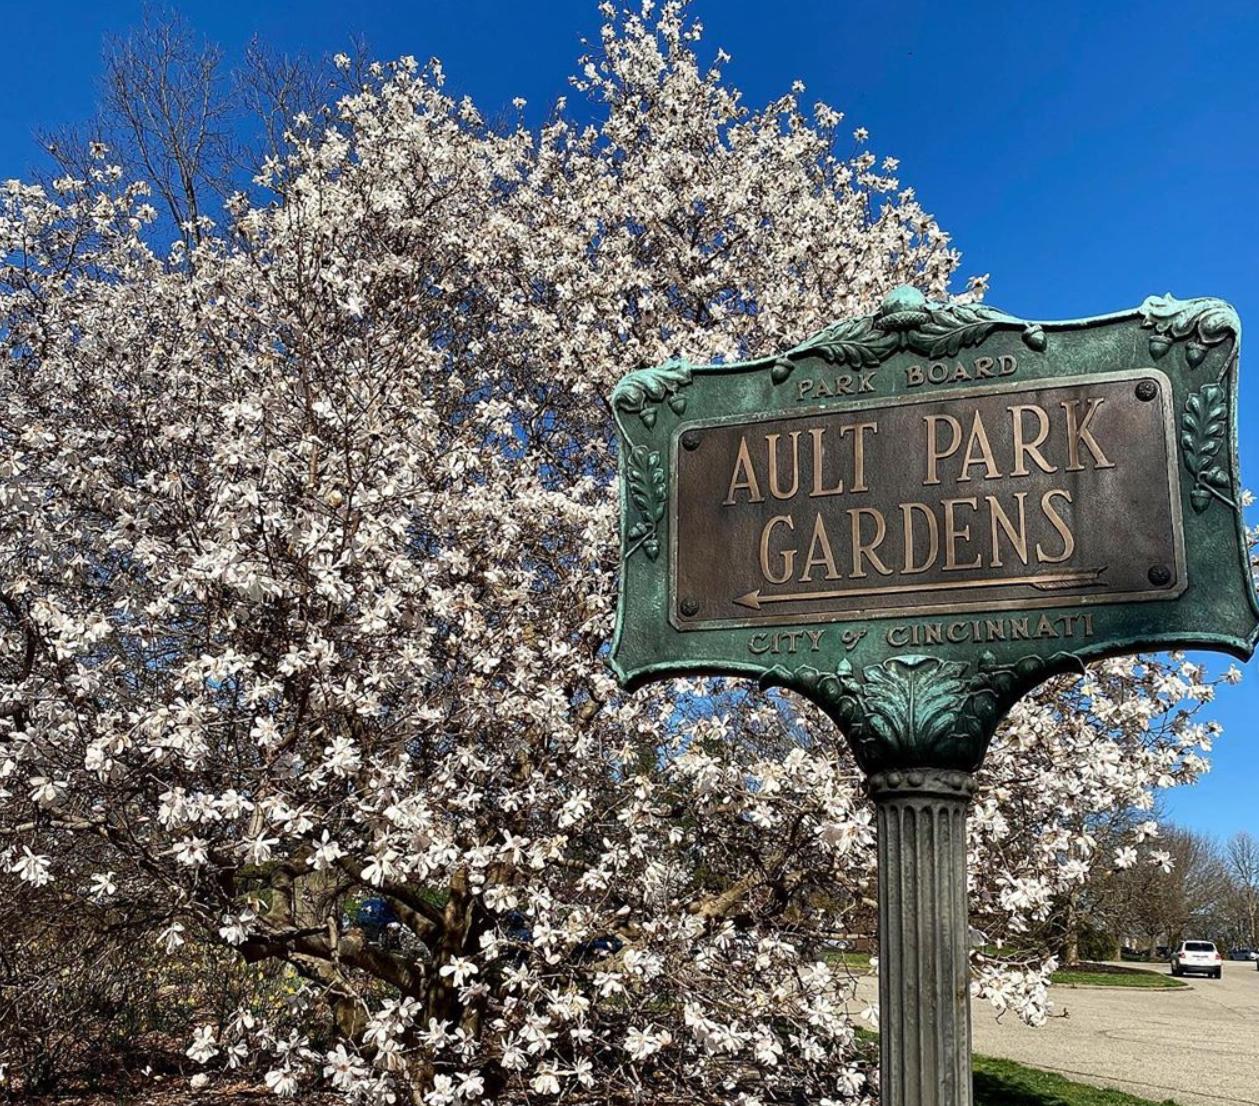 Ault Park in Cincinnati, Ohio